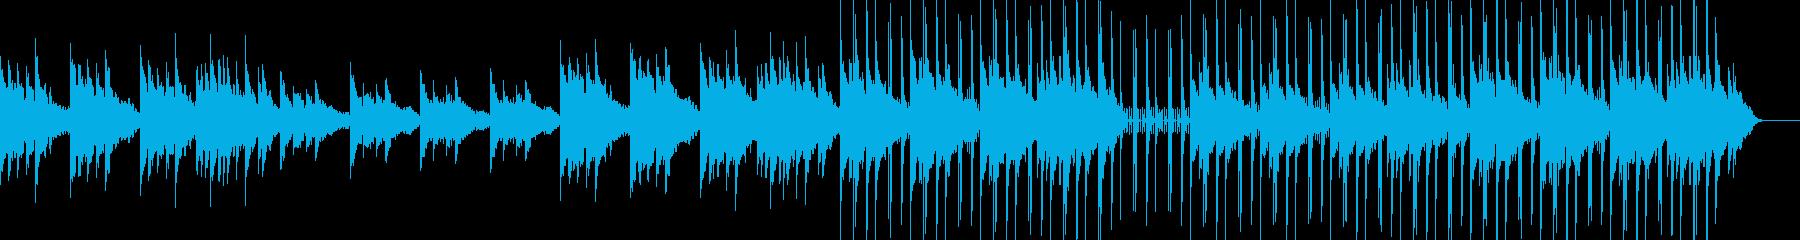 リラックスして落ち着いたクリスタルソングの再生済みの波形